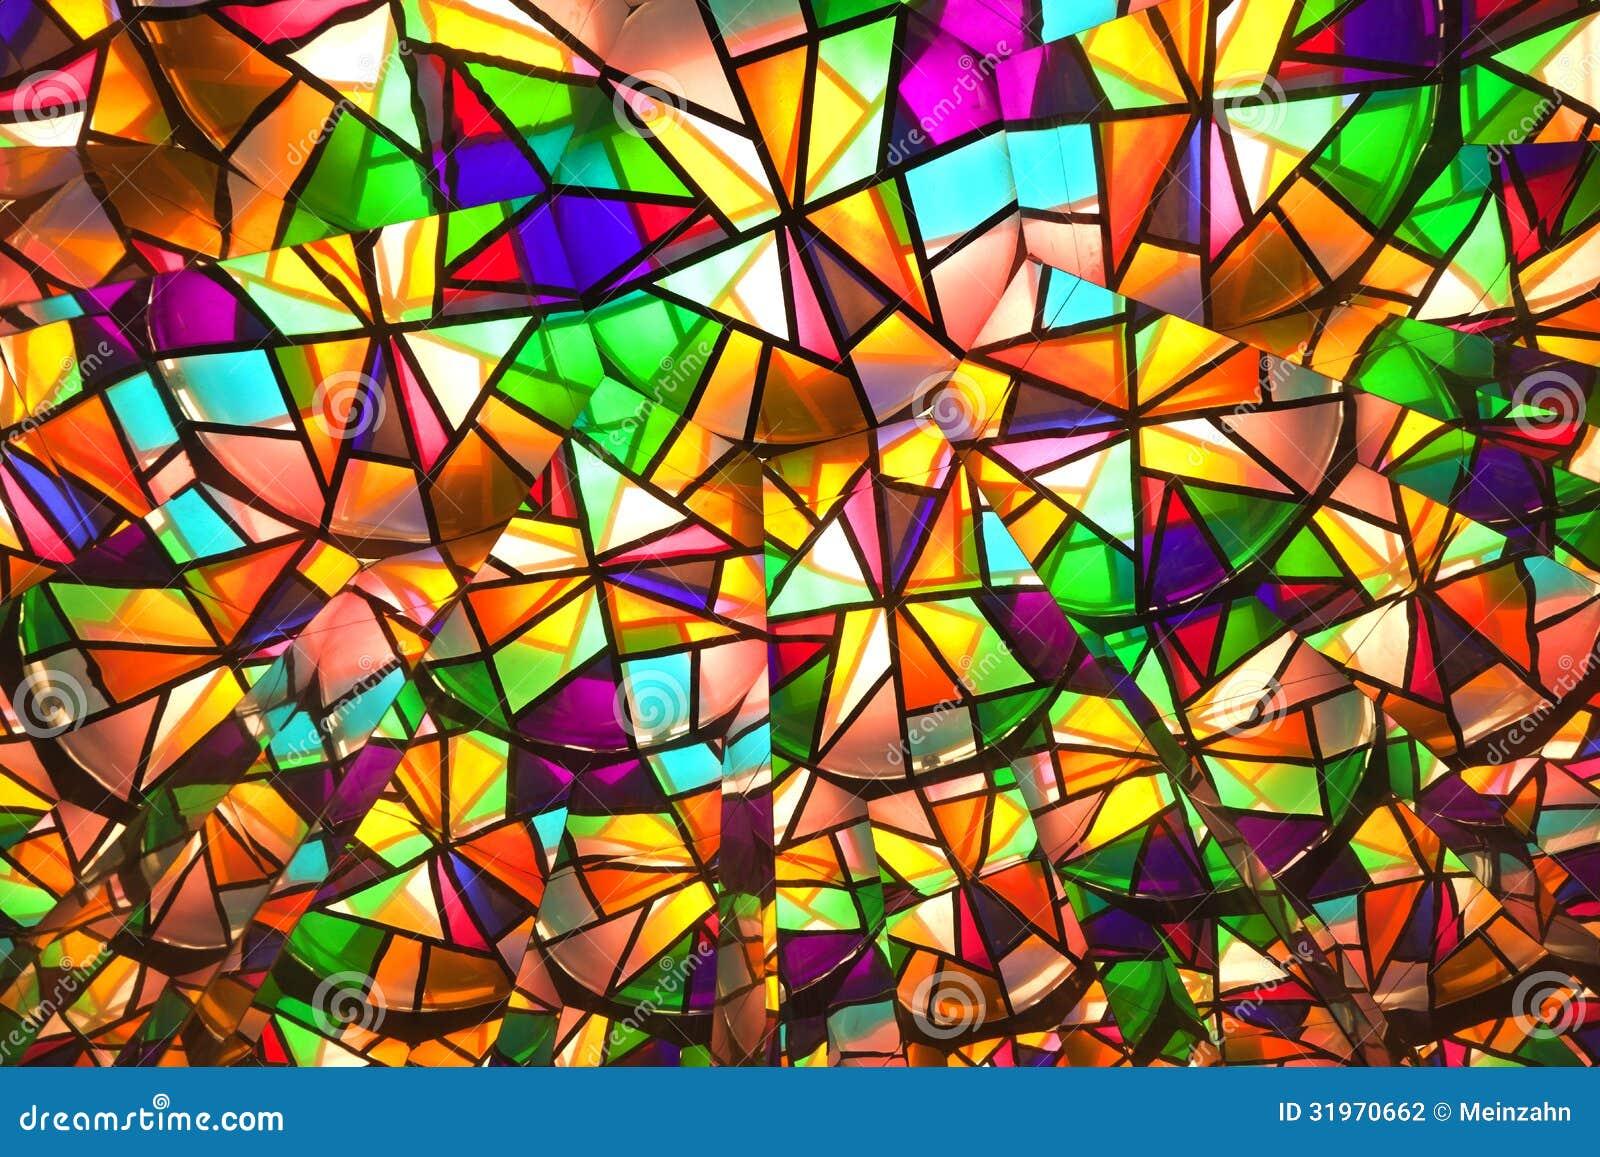 Belle finestre di vetro colorate con i pezzi asymetric fotografia stock immagine 31970662 - Vetri colorati per finestre ...